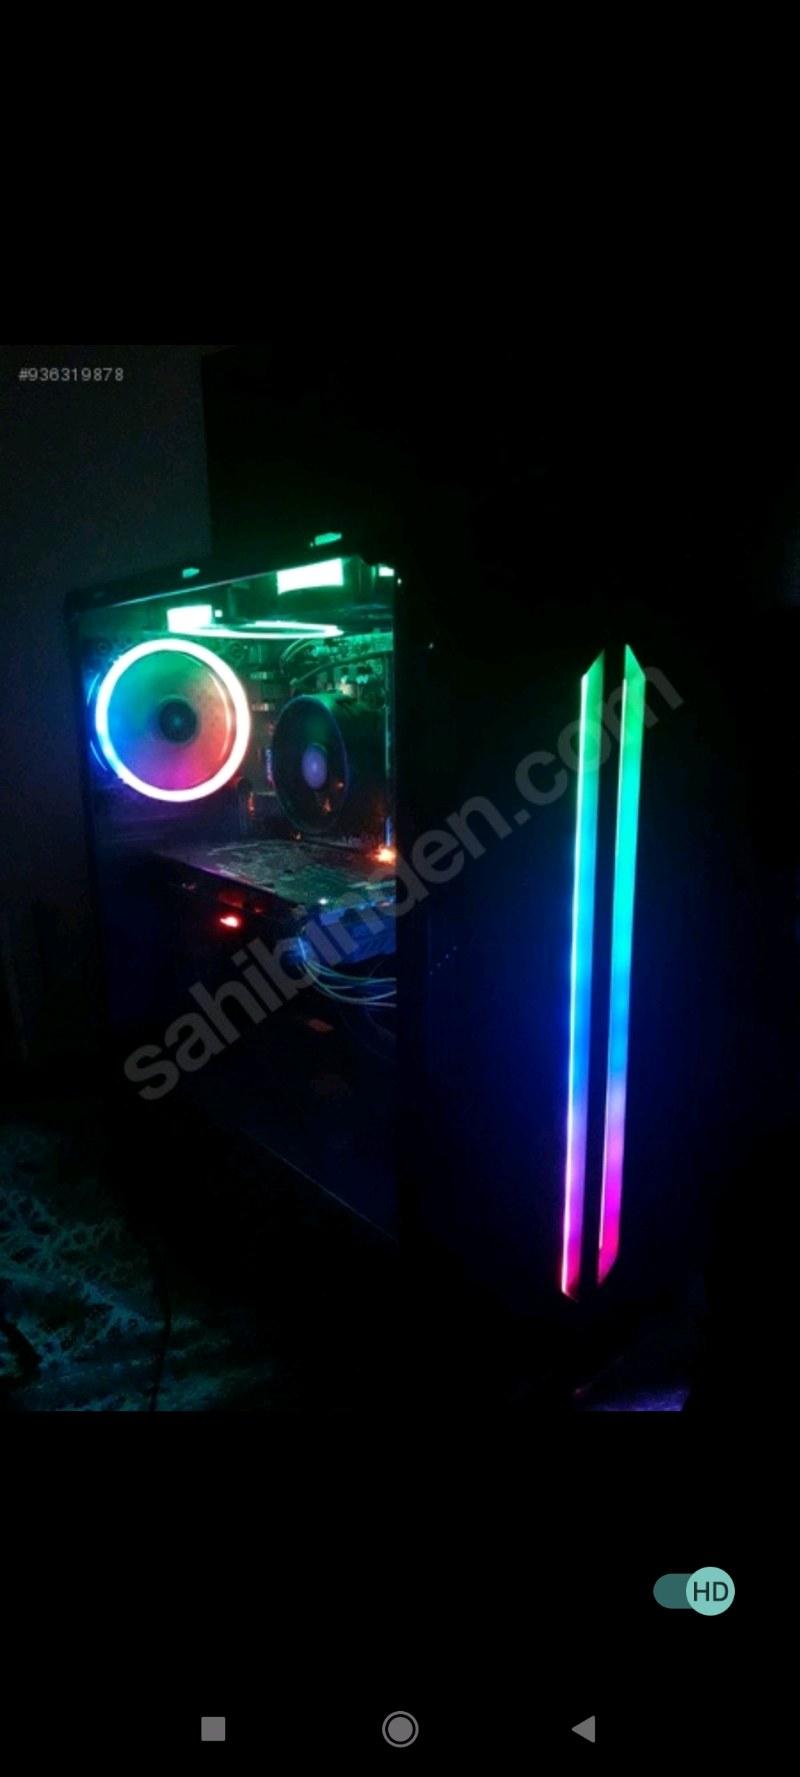 uygun fiyatli. RX 570 PC